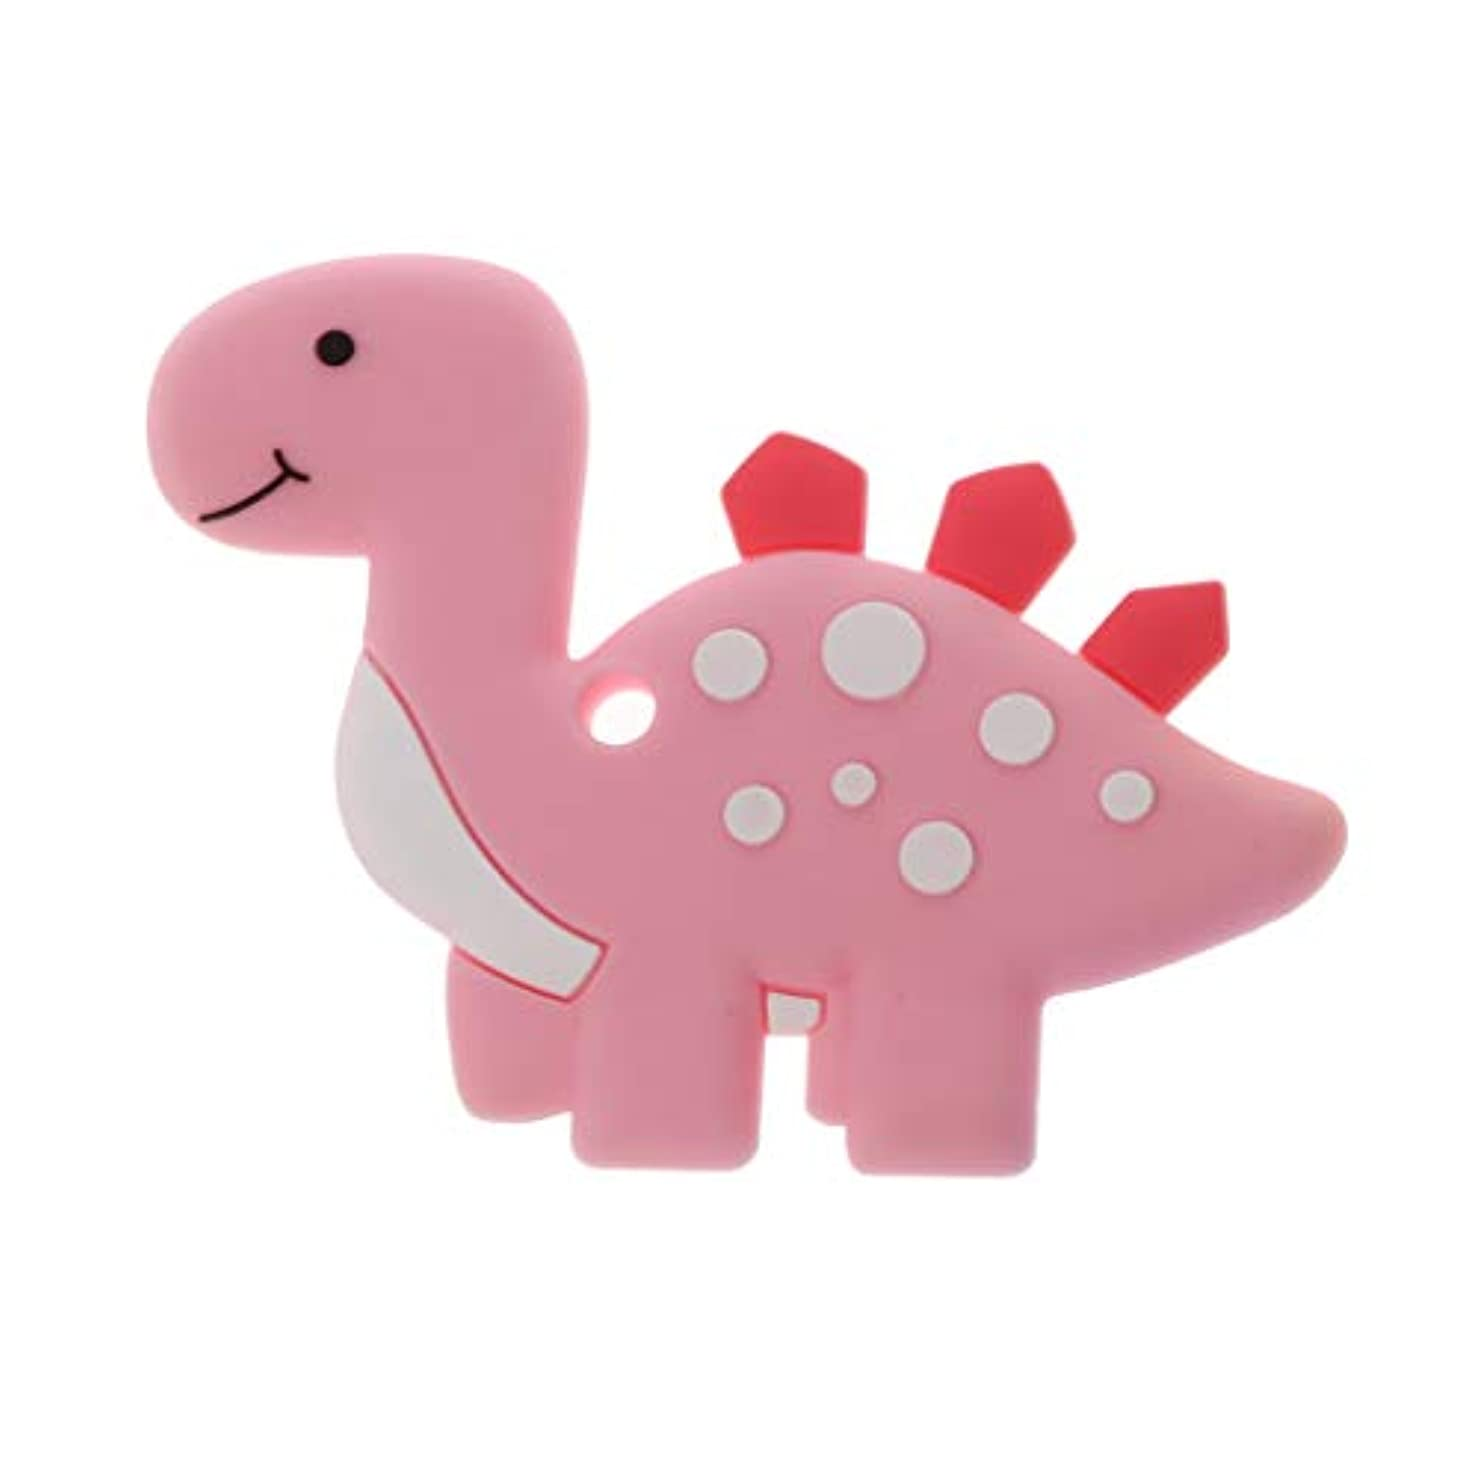 気がついてオゾンレンダリングLanddumシリコーンおしゃぶり恐竜おしゃべり赤ちゃん看護玩具かむ玩具歯が生えるガラガラおもちゃ - ロイヤルブルー